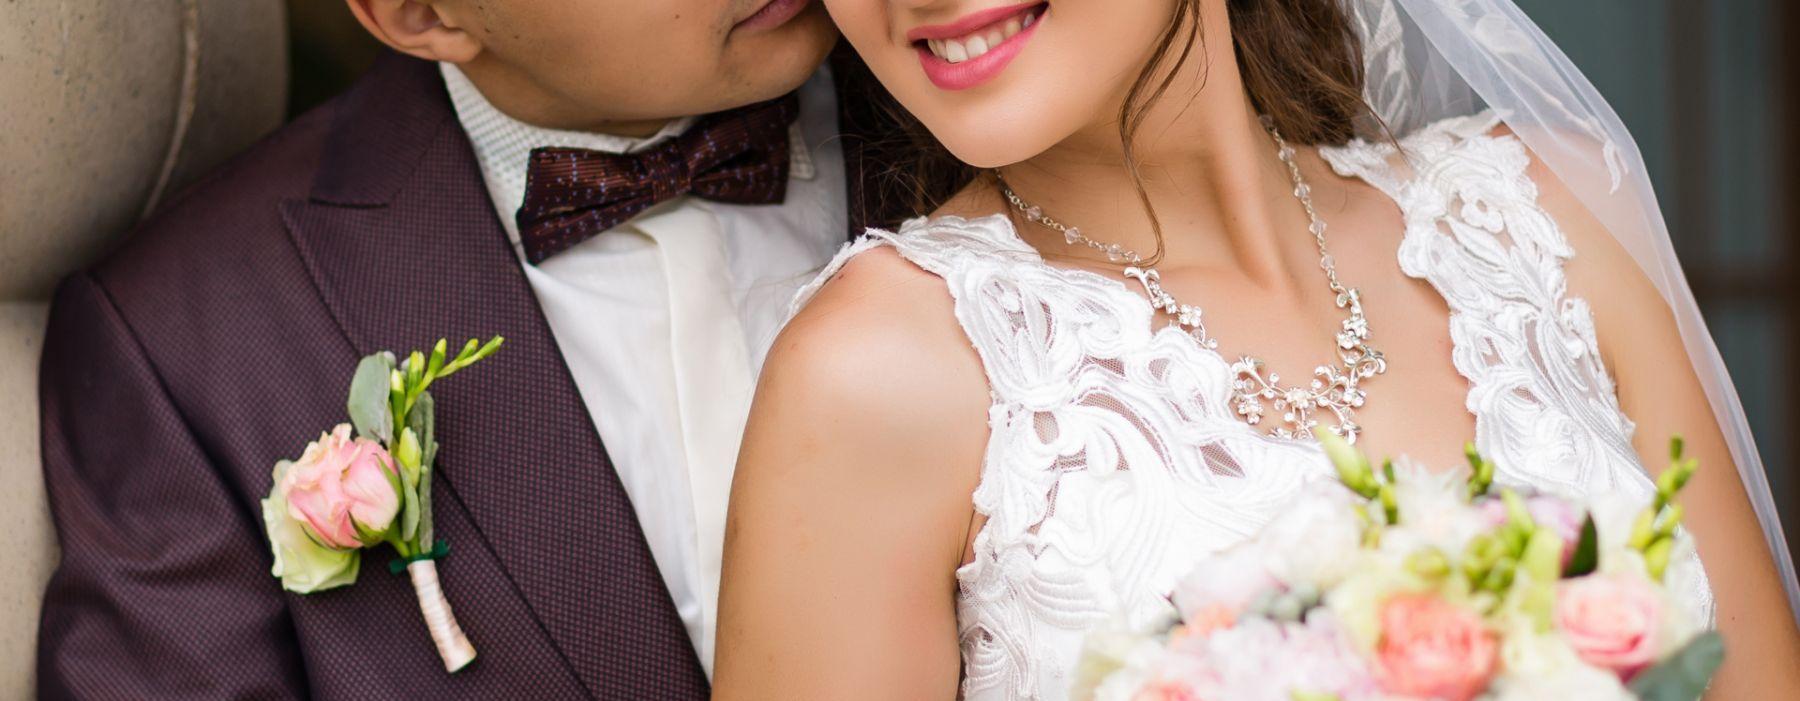 適婚情侶保險規劃掌握3大要點